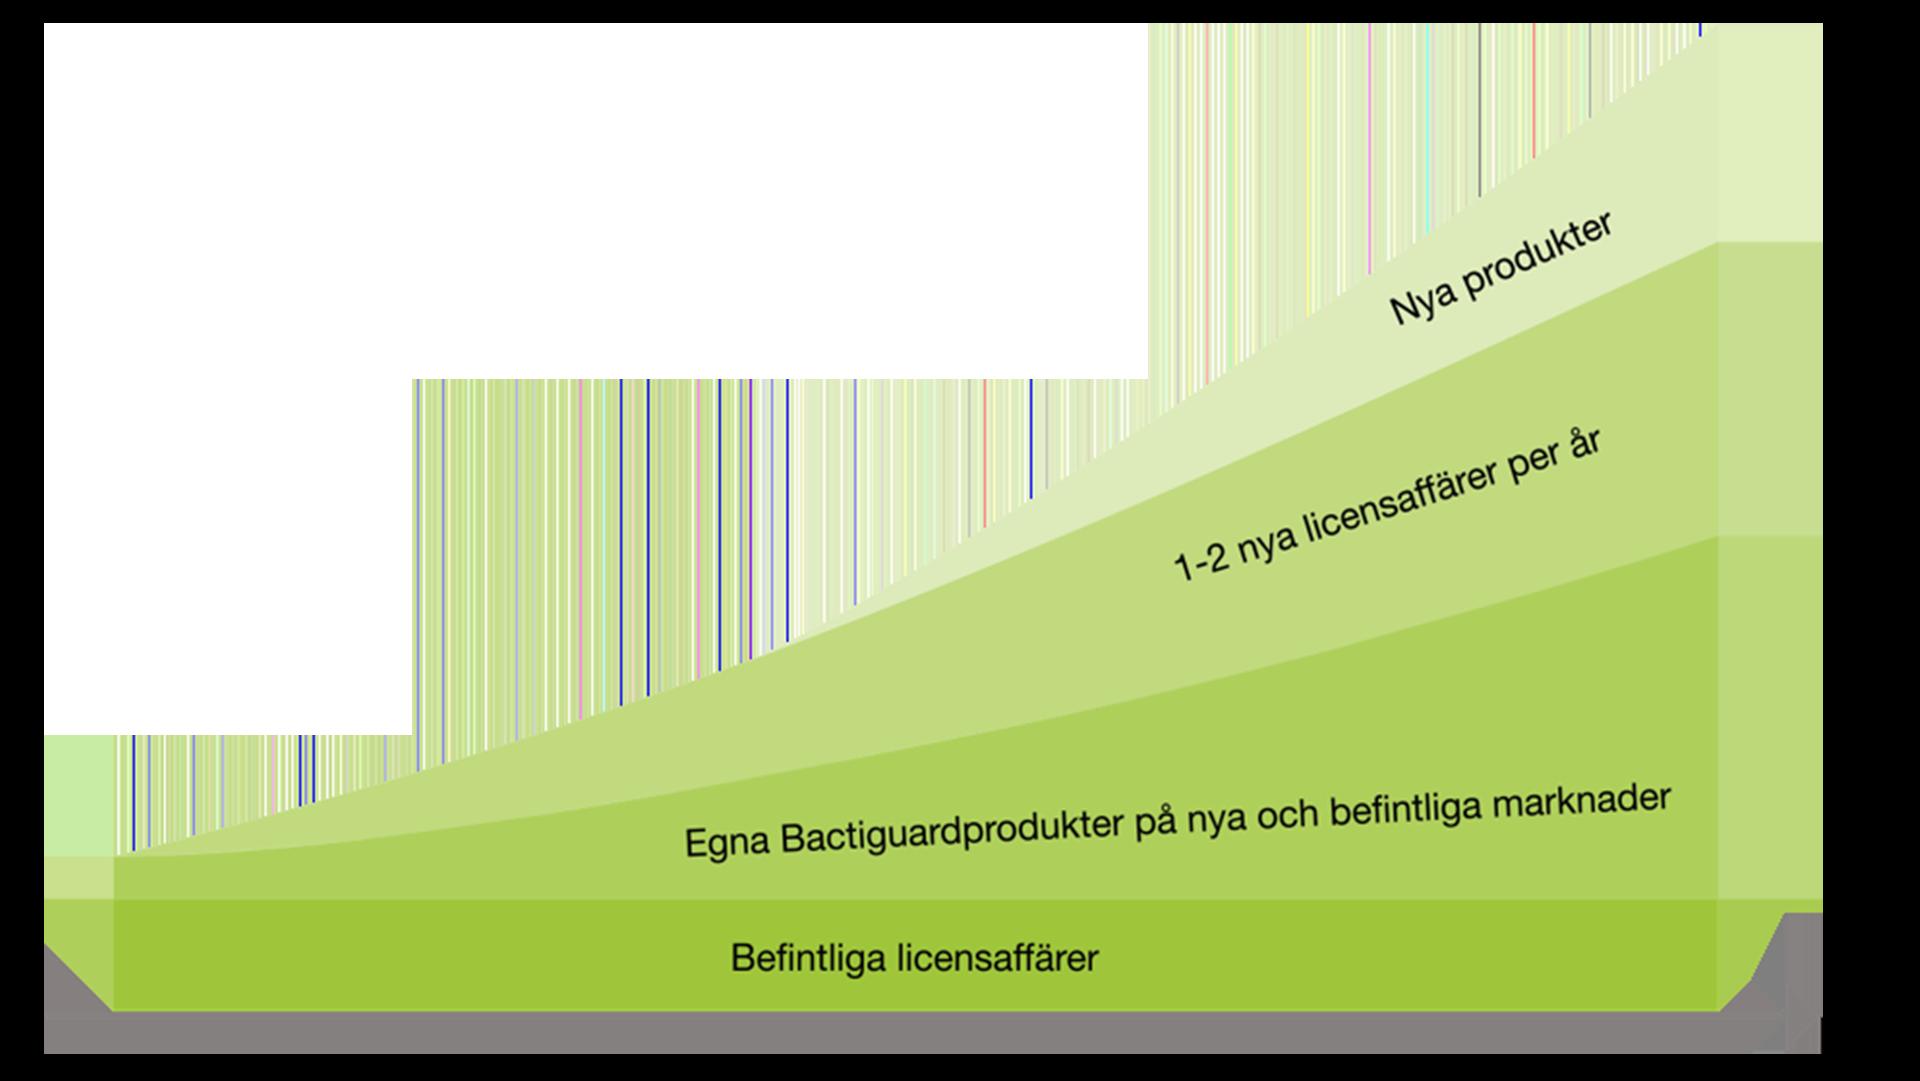 Bactiguards Tillväxtstrategi 2020